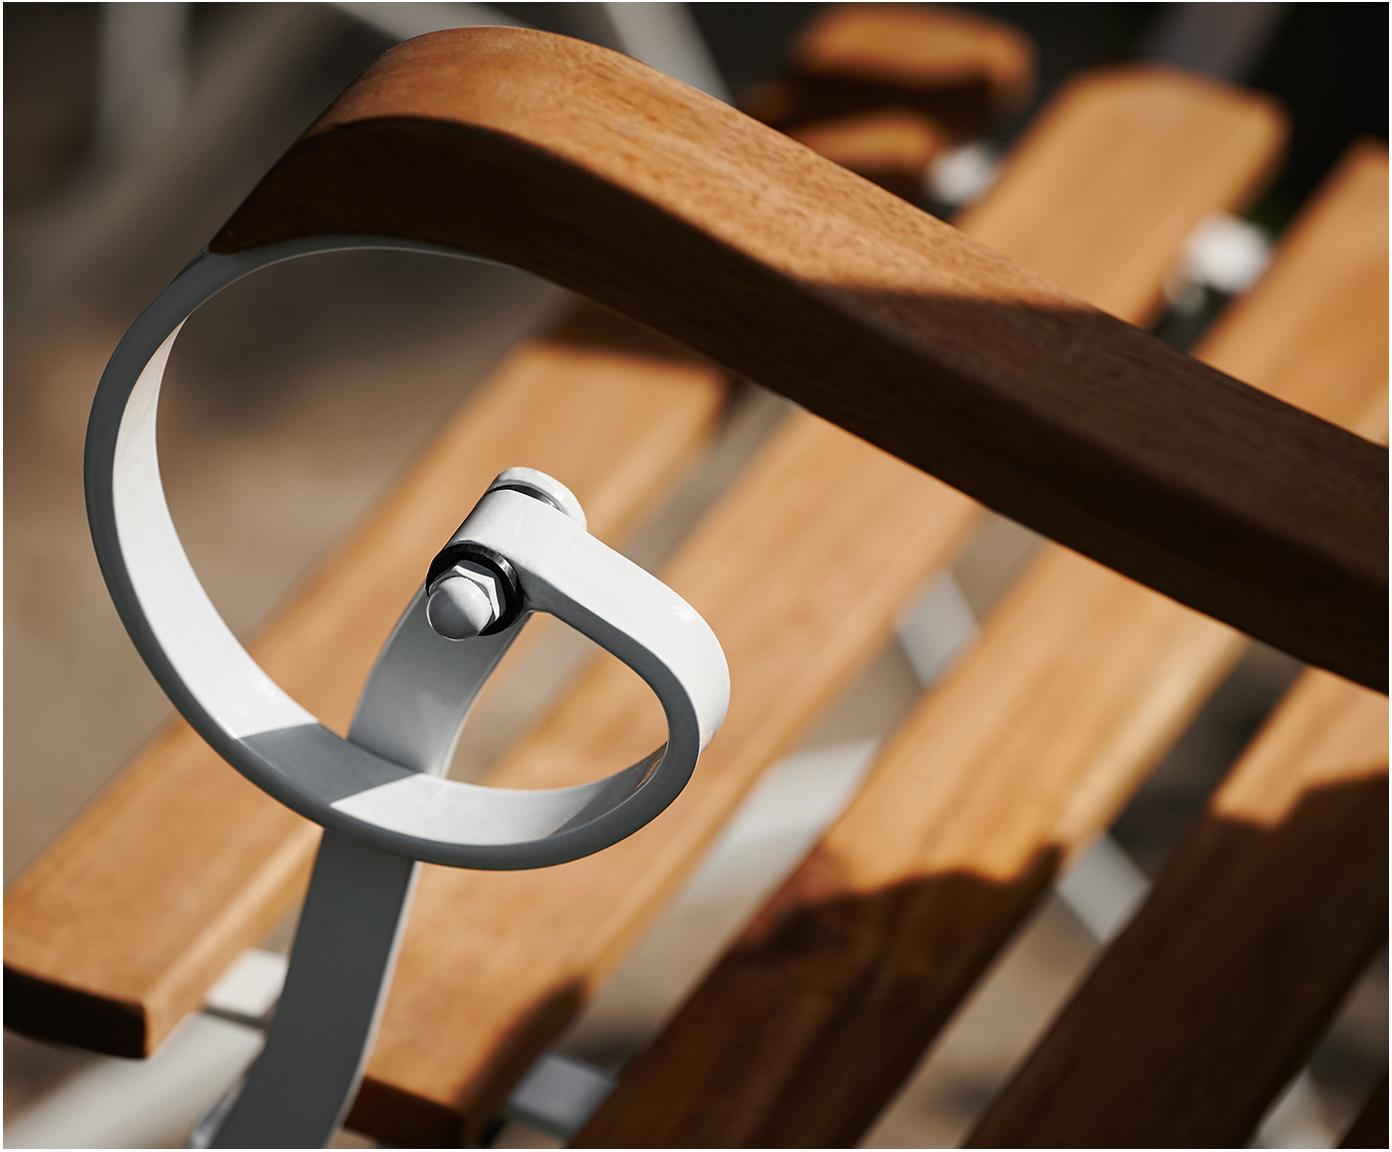 Składane krzesło ogrodowe z podłokietnikami Parklife, 2 szt., Stelaż: metal ocynkowany, malowan, Biały, drewno akacjowe, S 59 x G 52 cm